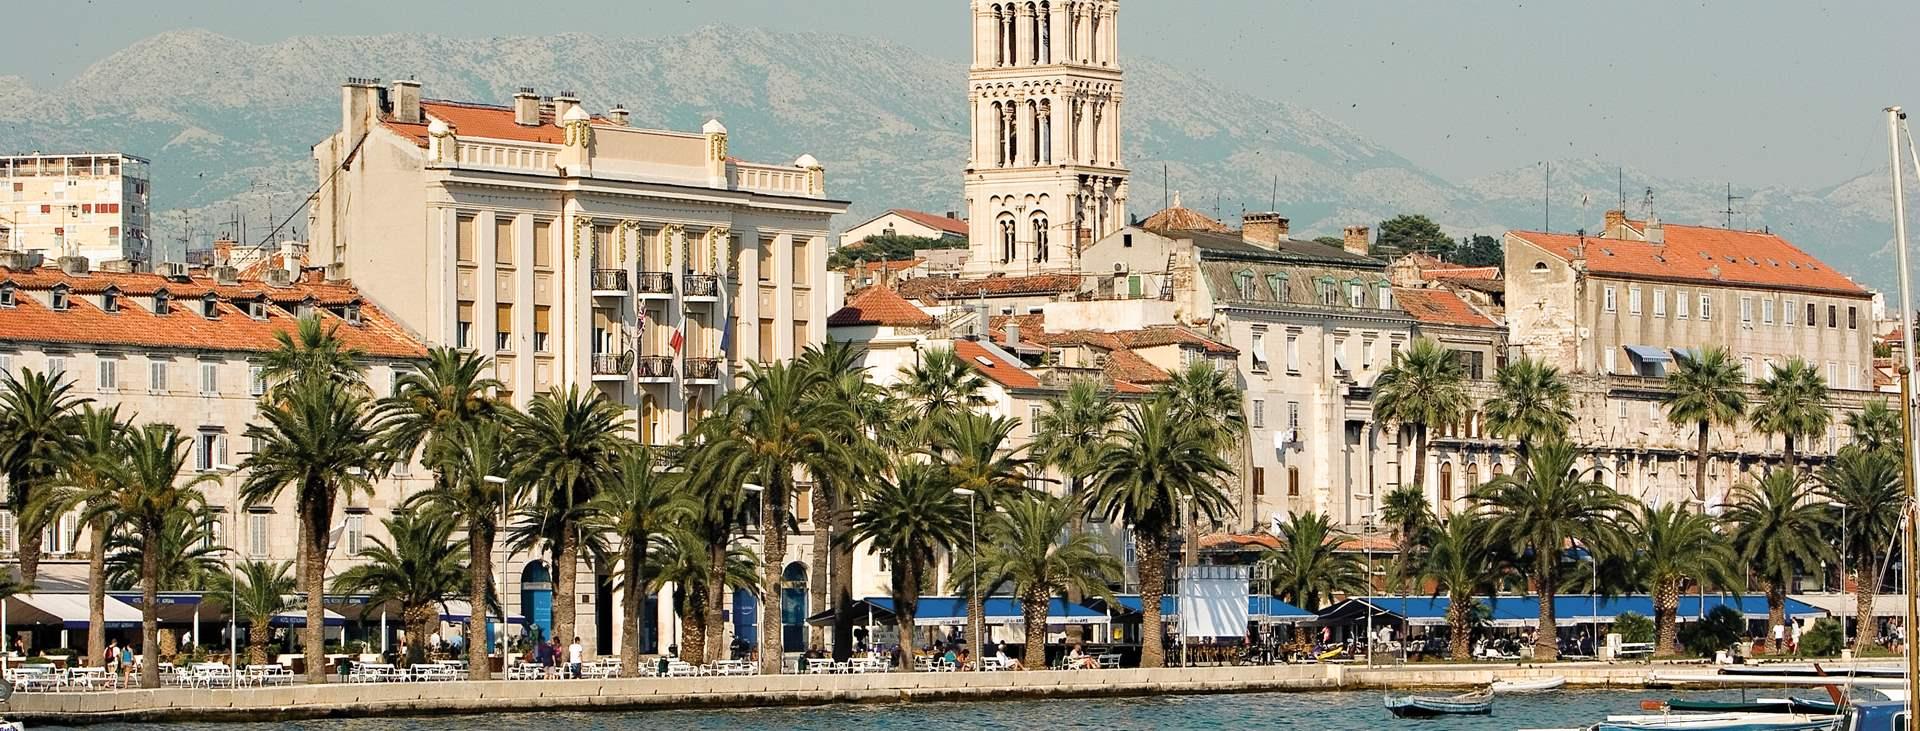 Varaa matkasi Tjäreborgilta Splitiin, Kroatiaan